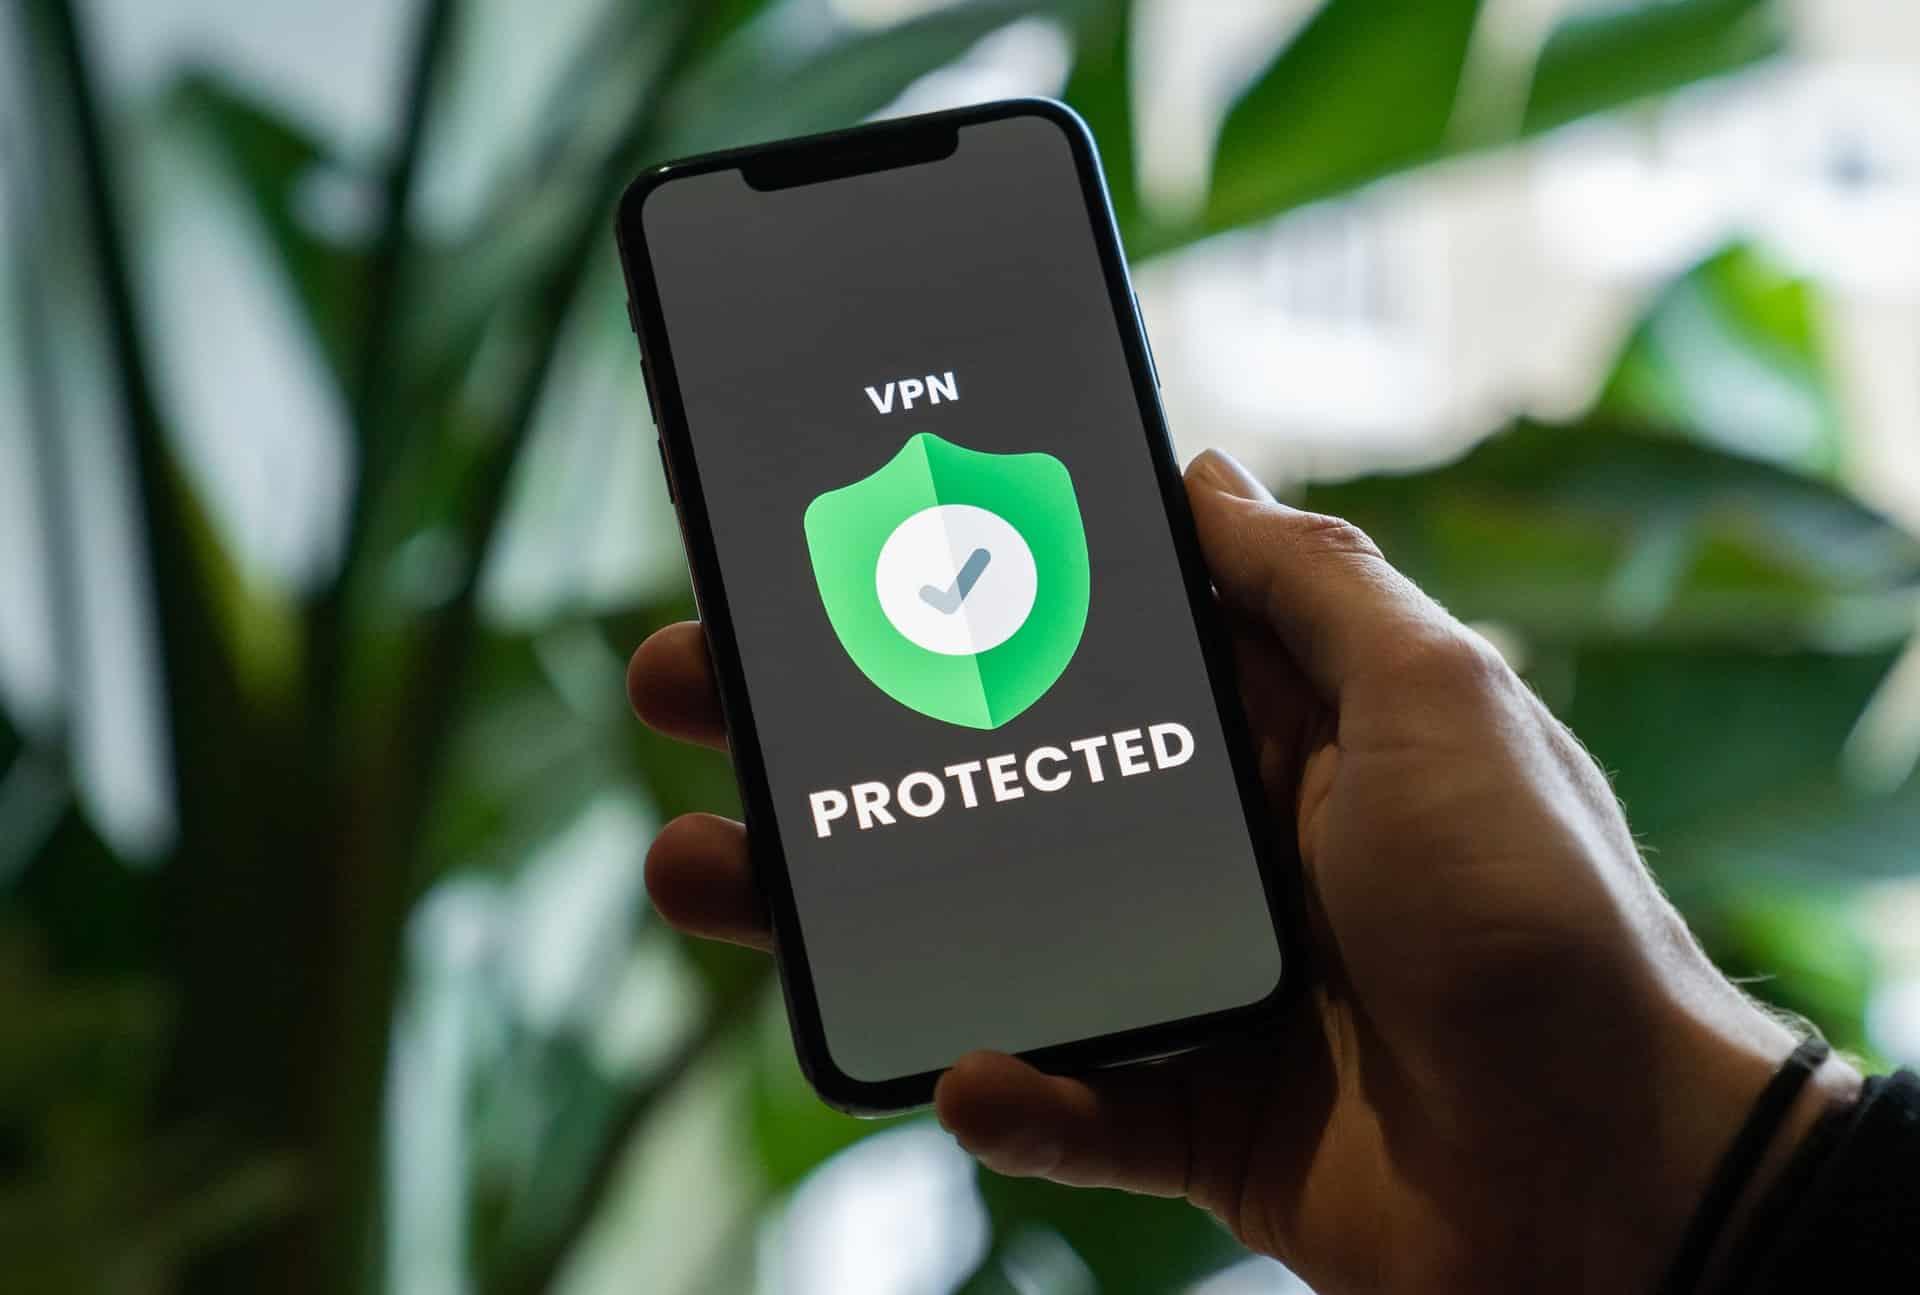 How VPN Works Header Image